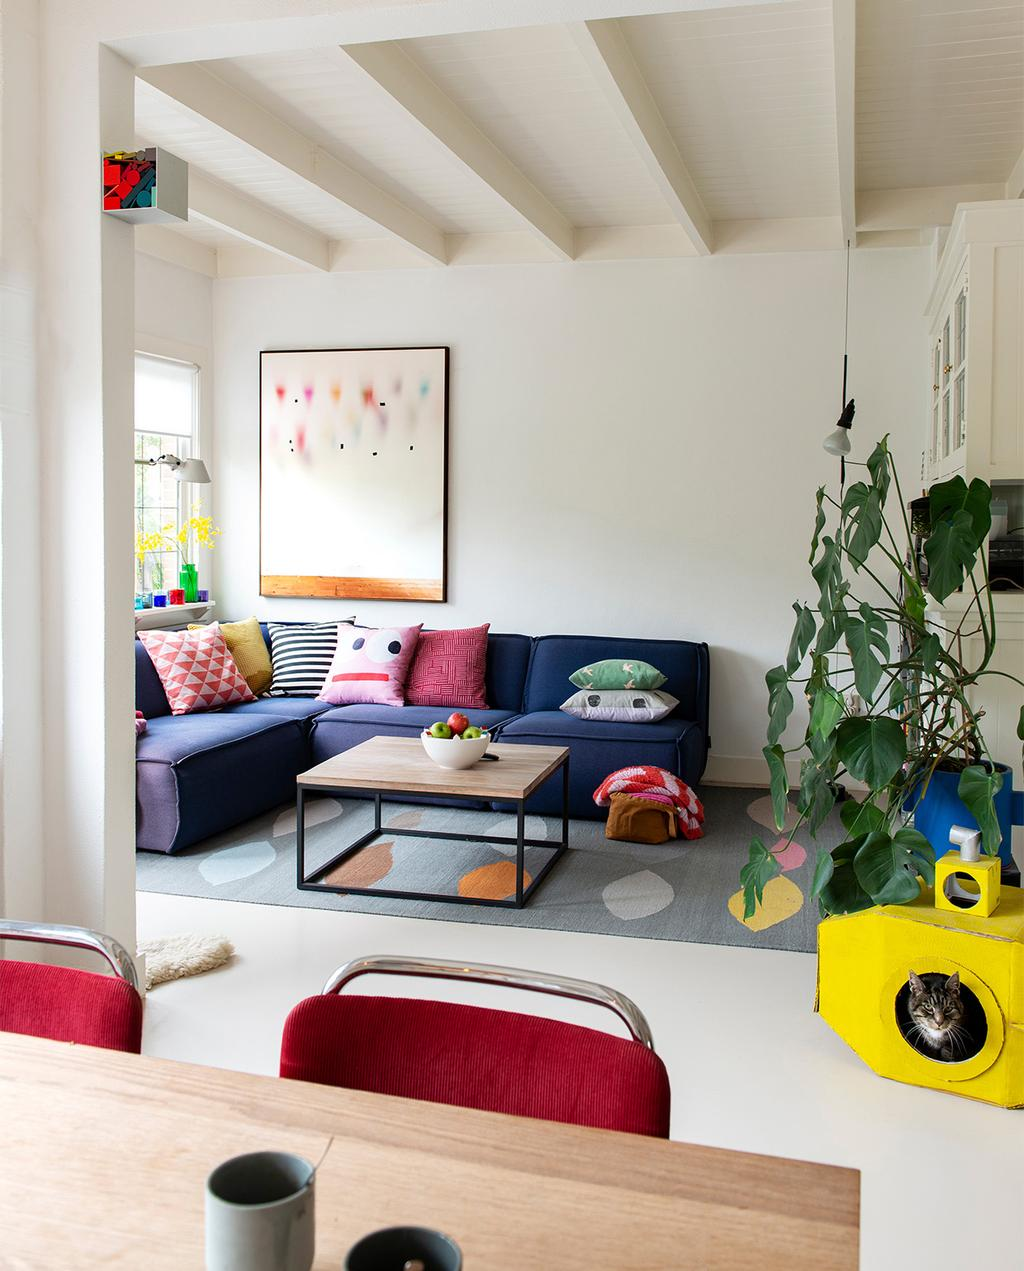 vtwonen 07-2021 | woonkamer met primaire kleuren, met een kleurrijk vloerkleed met een gele kattenmand en opvallende kussens